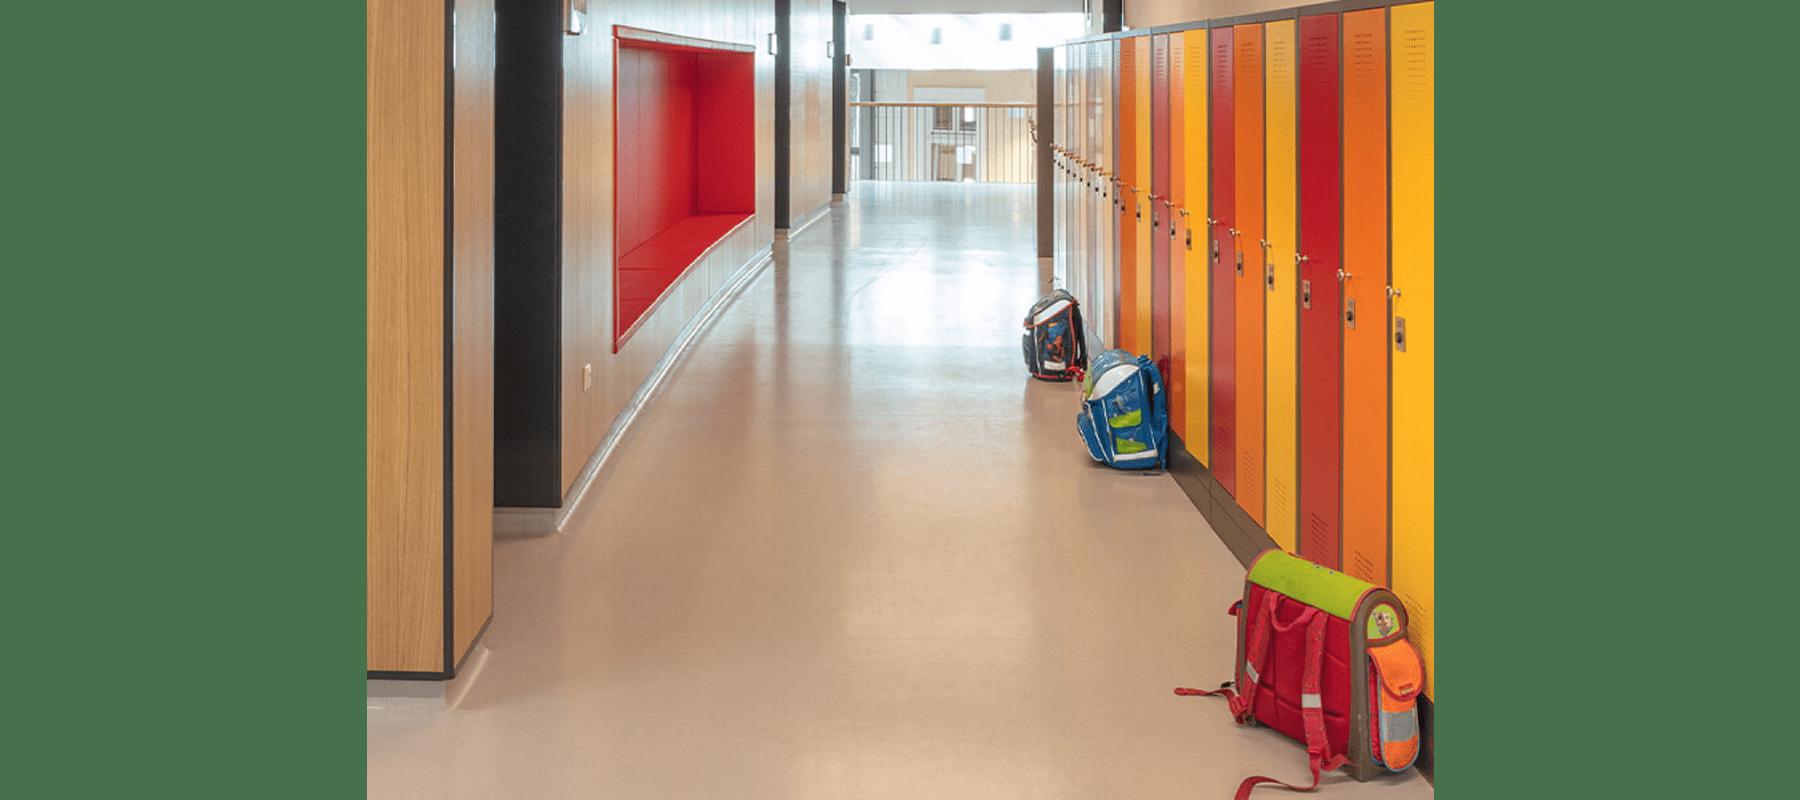 wyposażenie obiektów meble szkolne cp aranżacje - 04